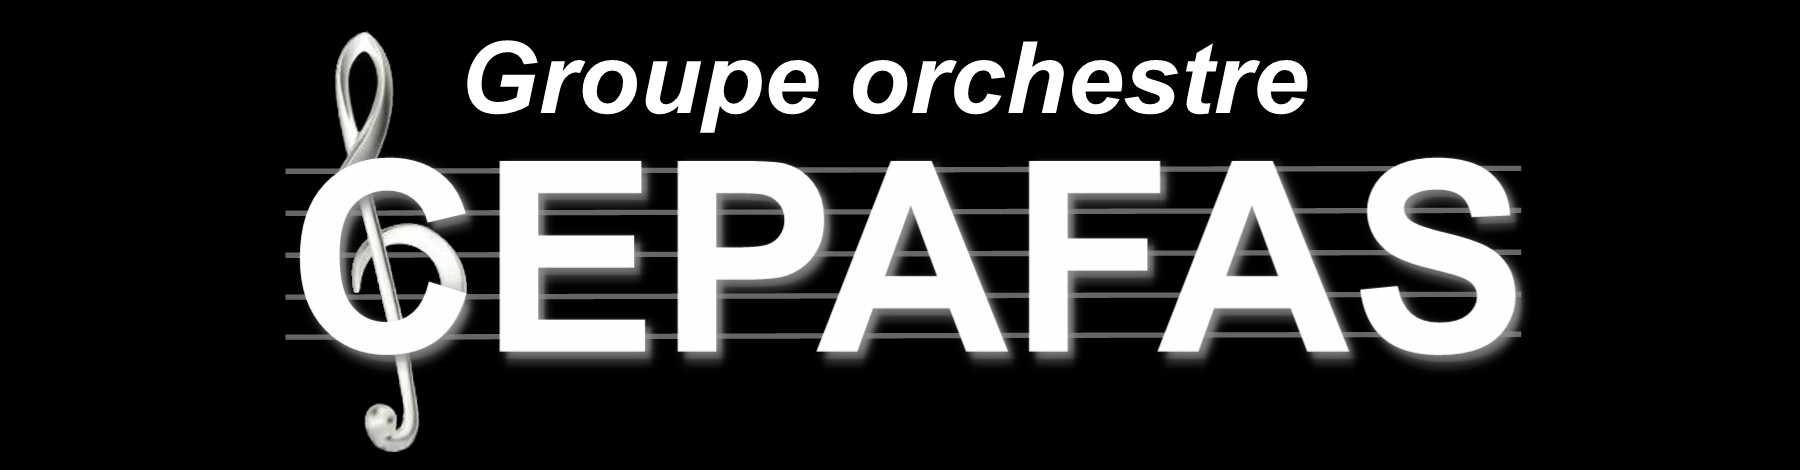 Groupe orchestre CEPAFAS